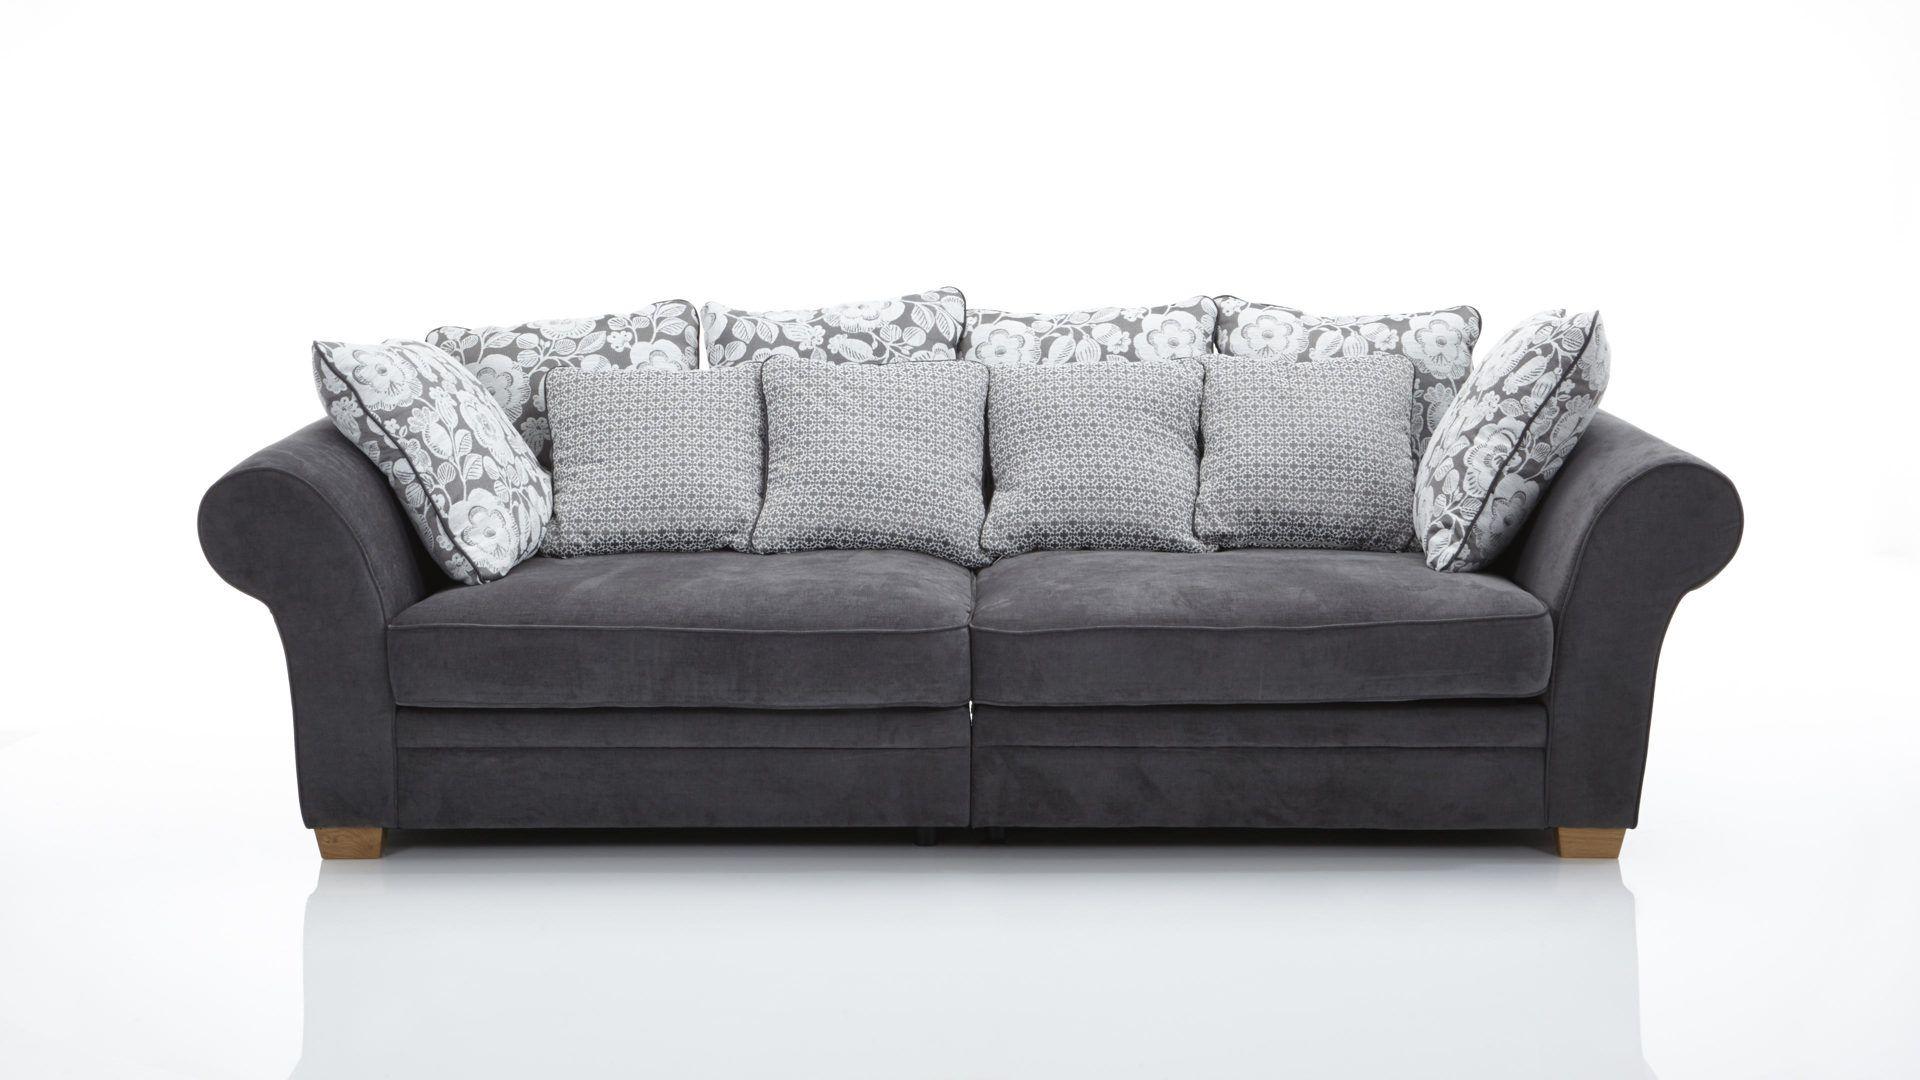 mega sofa camping sofala mobel staude im modernen landhausstil gutmann factory in landhaus modern aus stoff